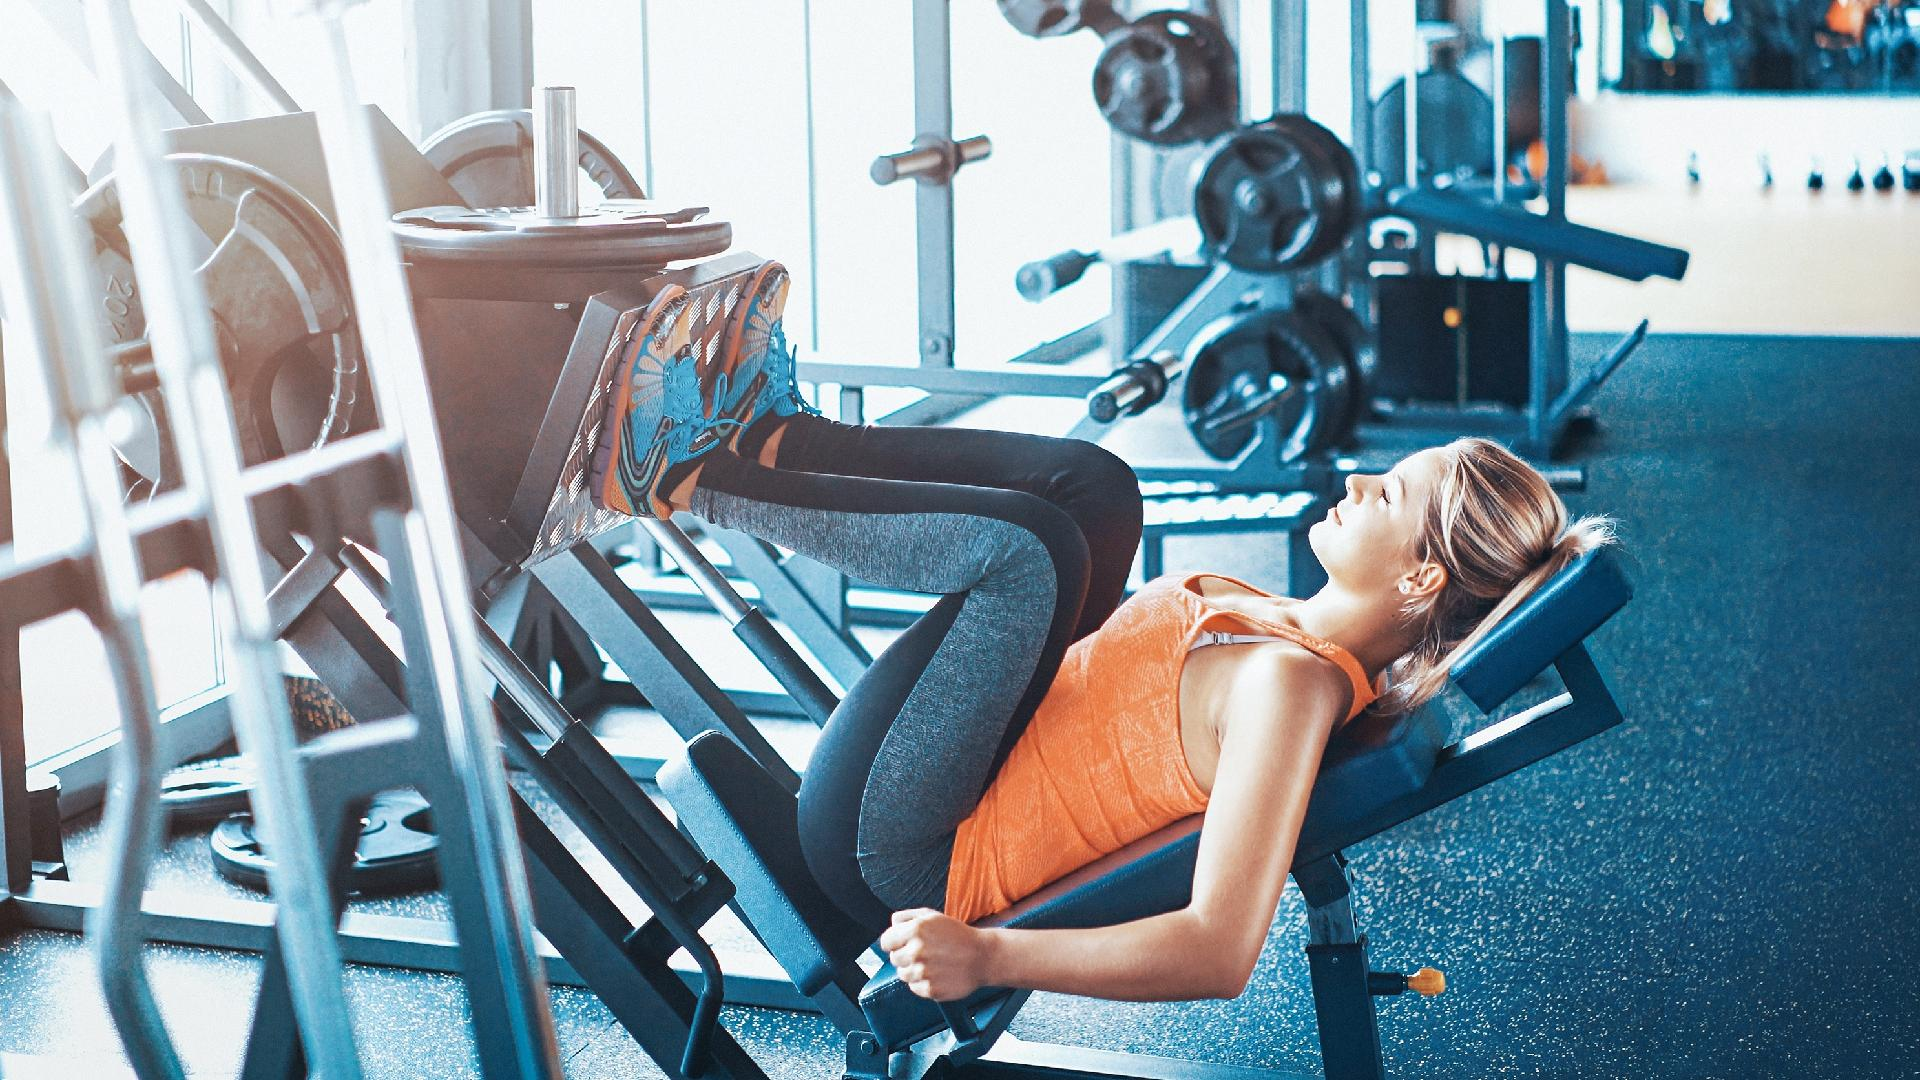 38b76b825 Fazer exercícios acelera o metabolismo  Veja mais perguntas e respostas -  08 03 2018 - UOL VivaBem